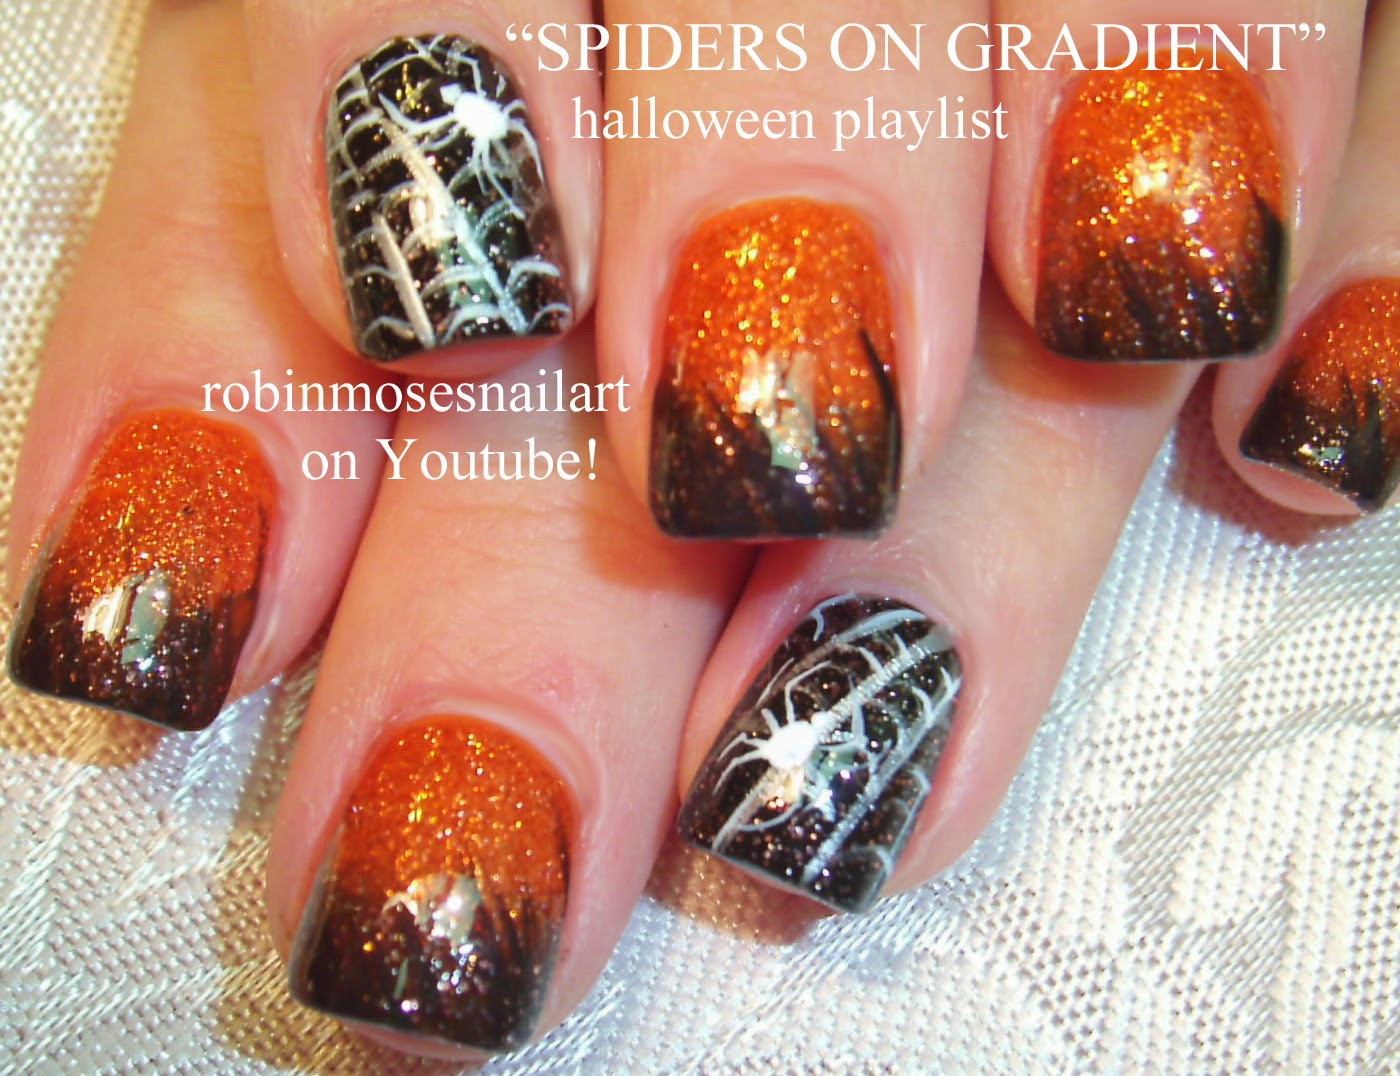 Robin moses nail art owl nails halloween nails cute owl nails halloween nails cute halloween nails cute halloween art halloween clip art halloween nail art black cat nails bat nails spiderweb prinsesfo Images